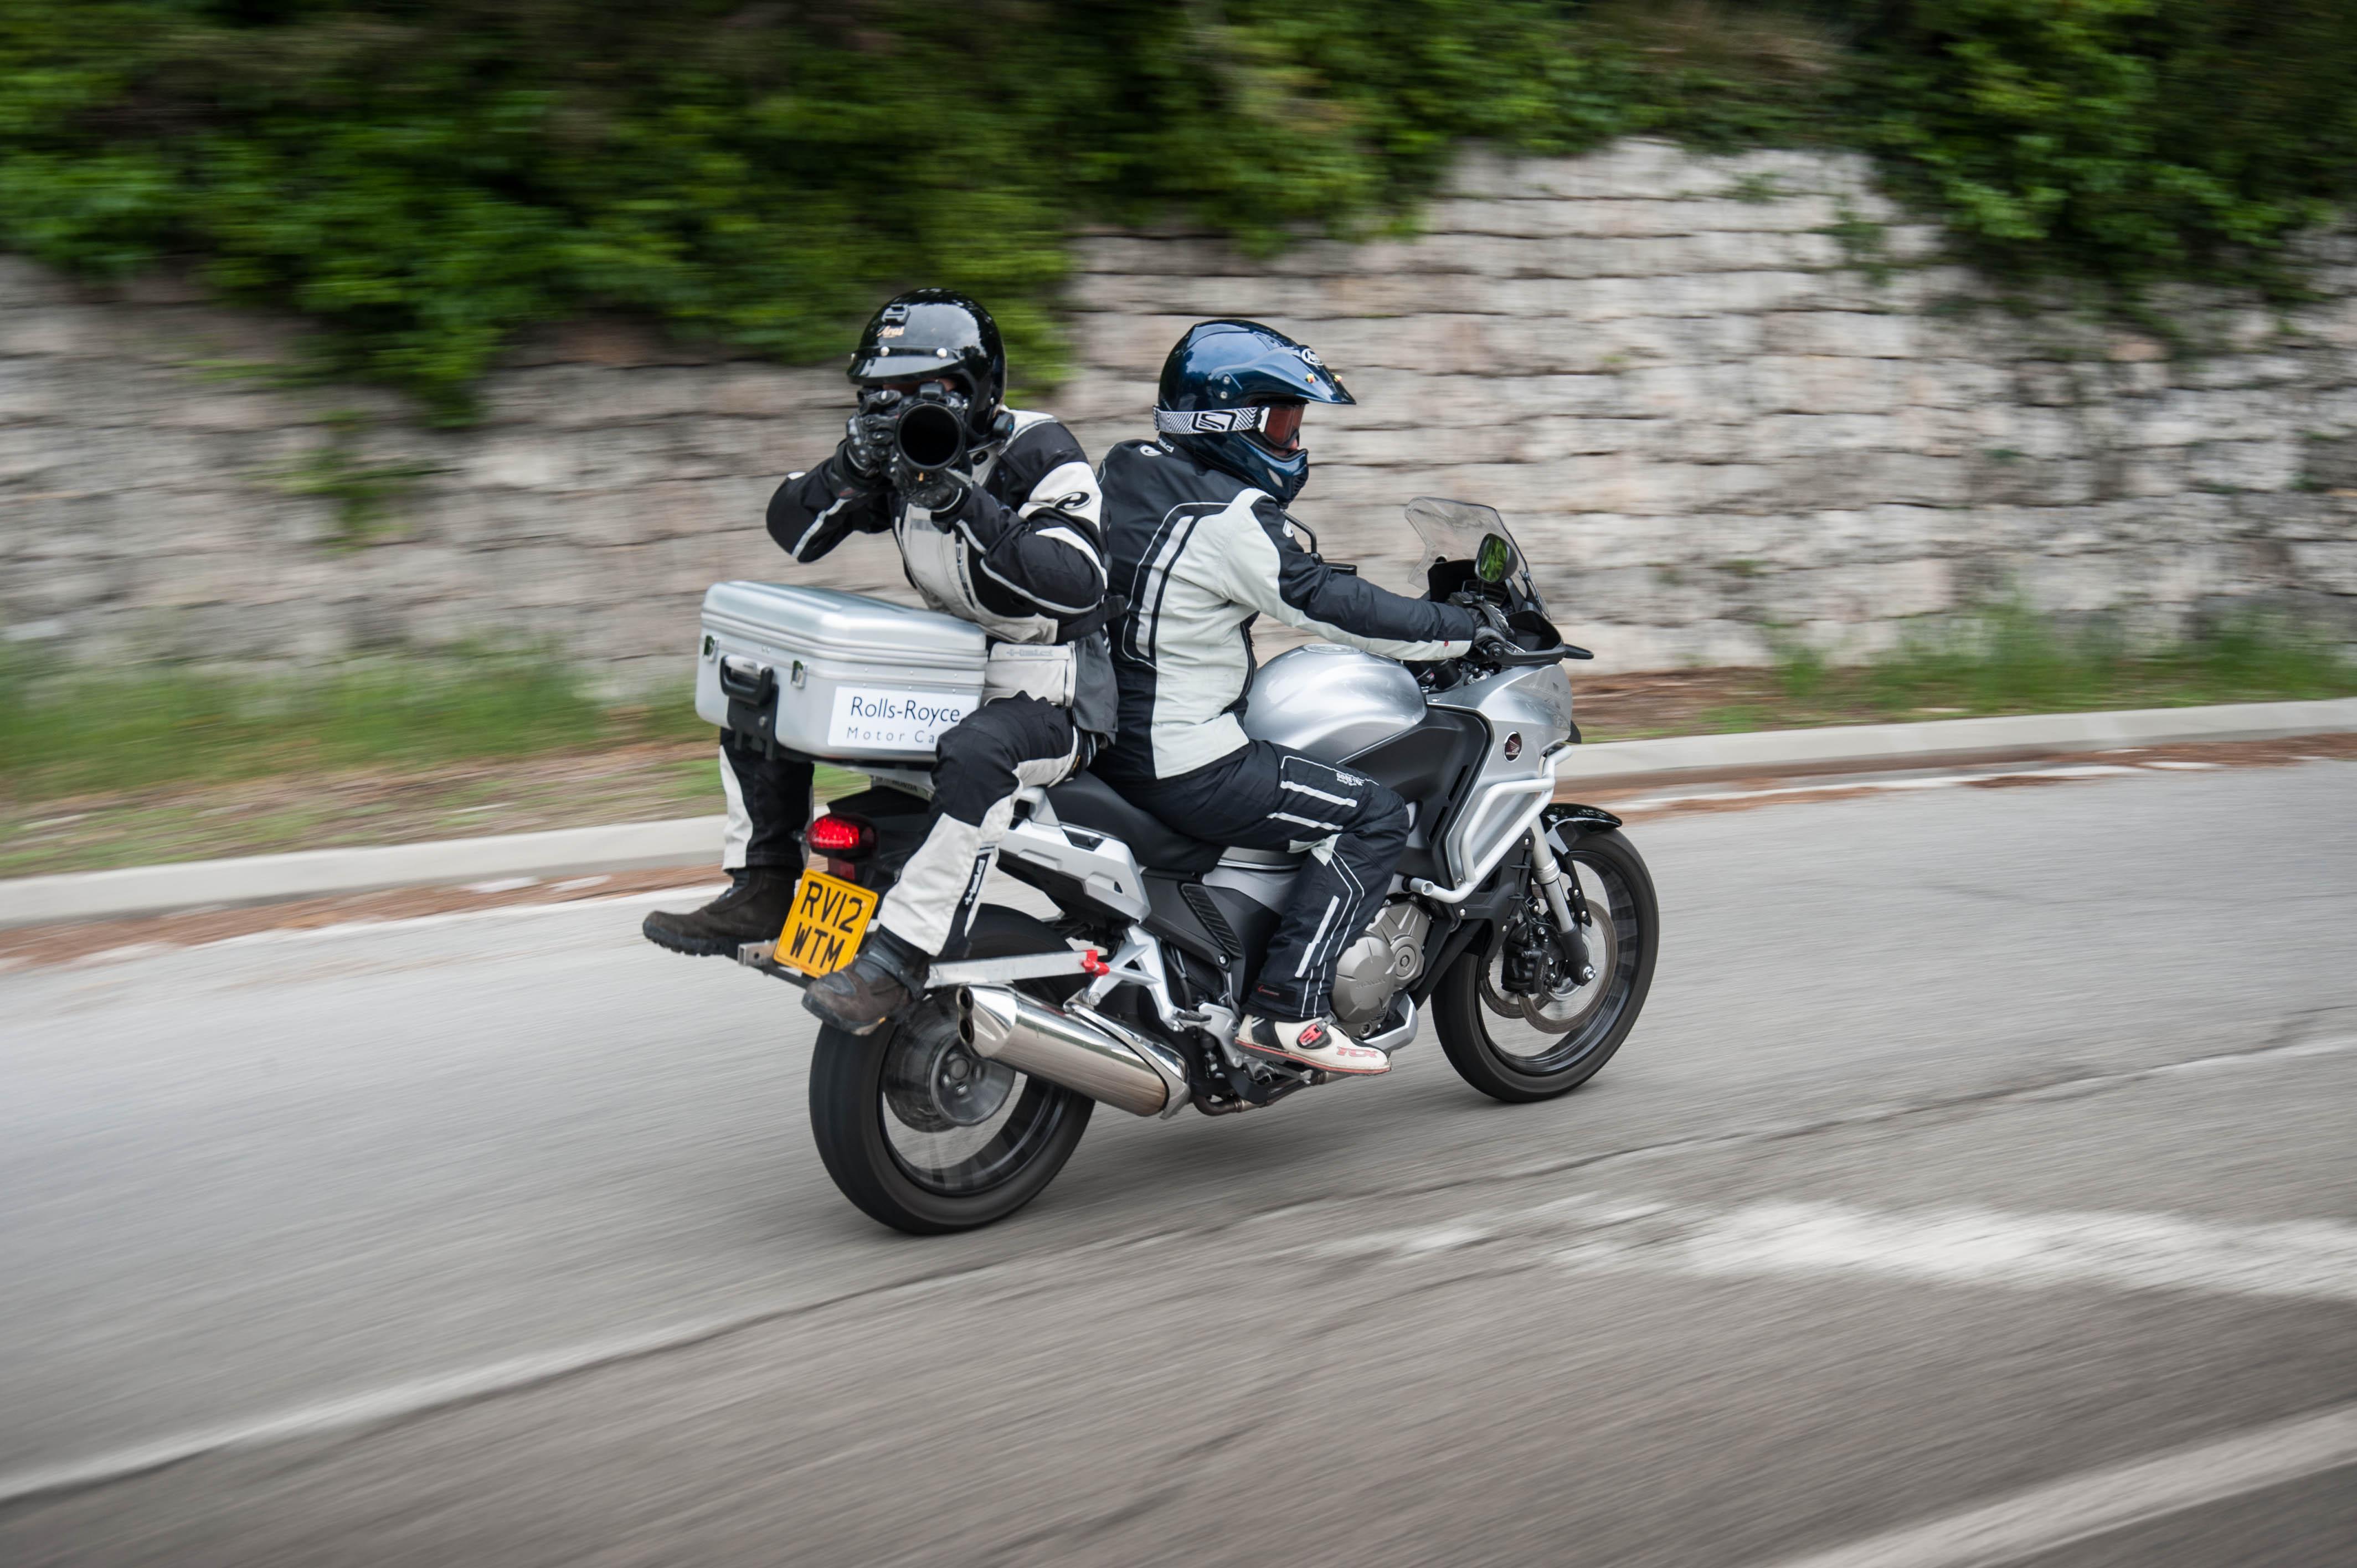 Honda Crosstourer - 2k miles in 7 days... | Visordown